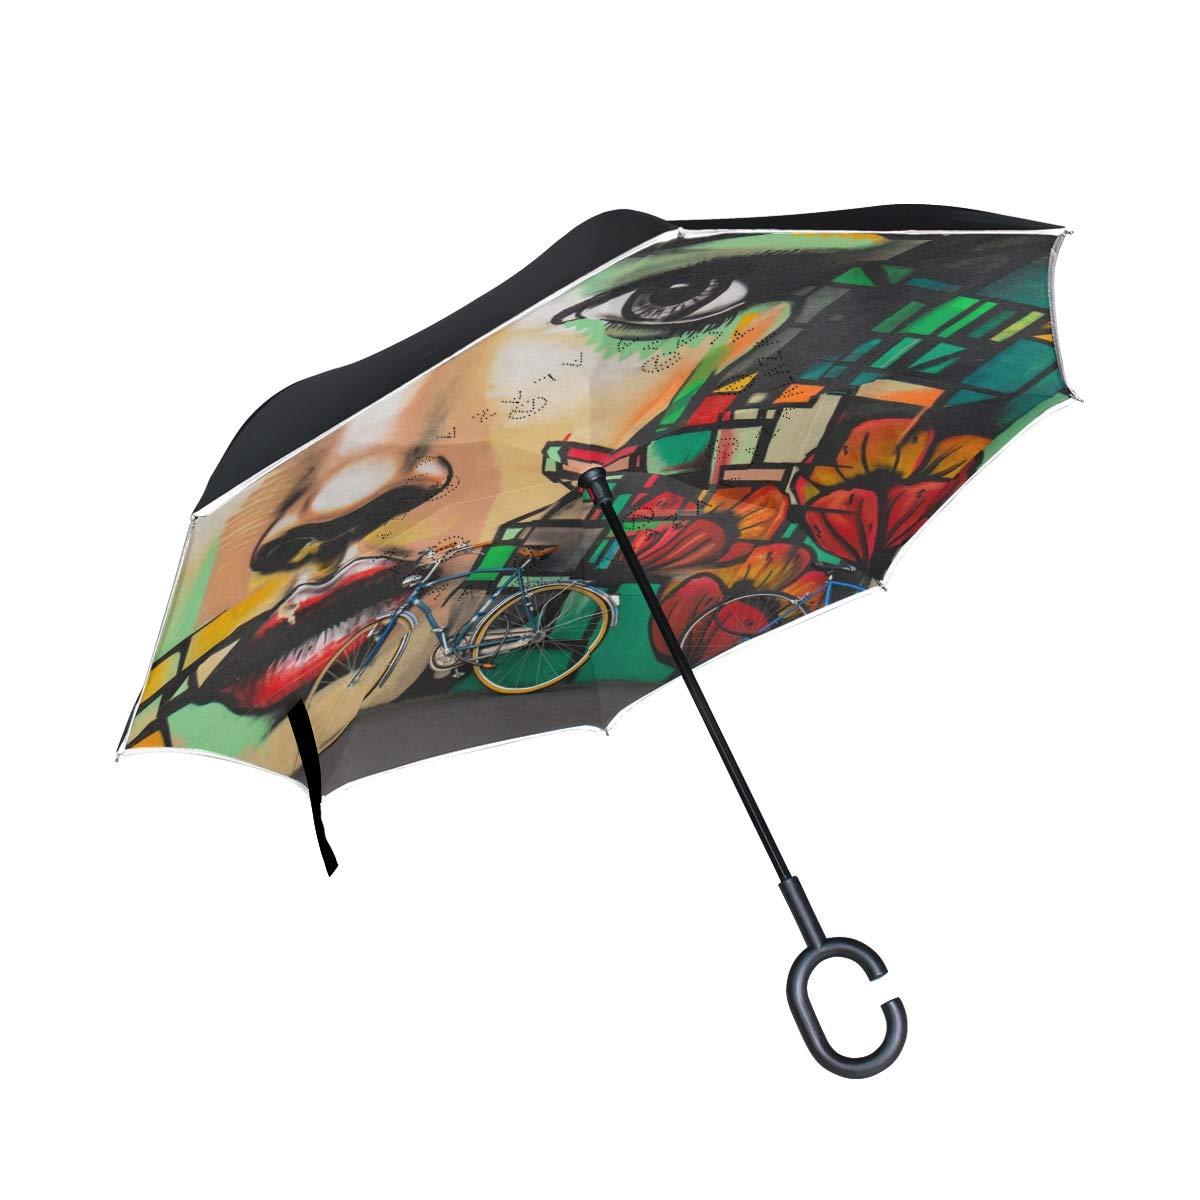 SUABO 逆さ傘 二層 逆折りたたみ傘 アーティスティック 女性用 防風傘 車 雨 屋外用 C型ハンドル付き   B07H26CMT5